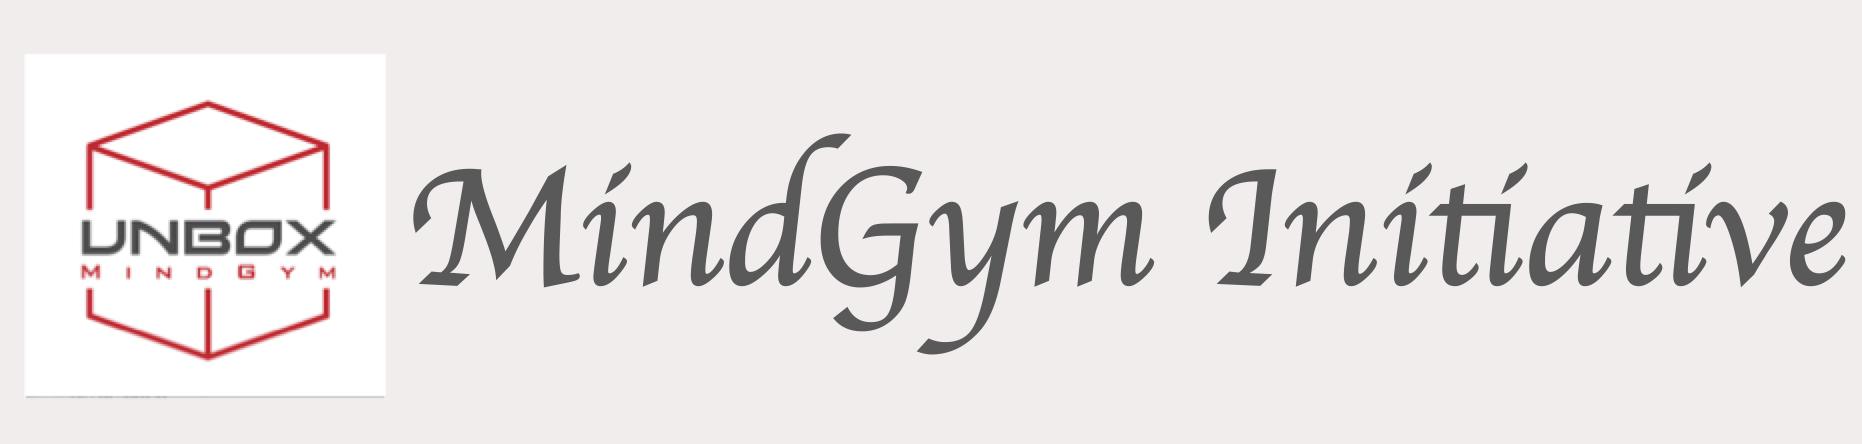 MindGym Initiative (Non Profit)